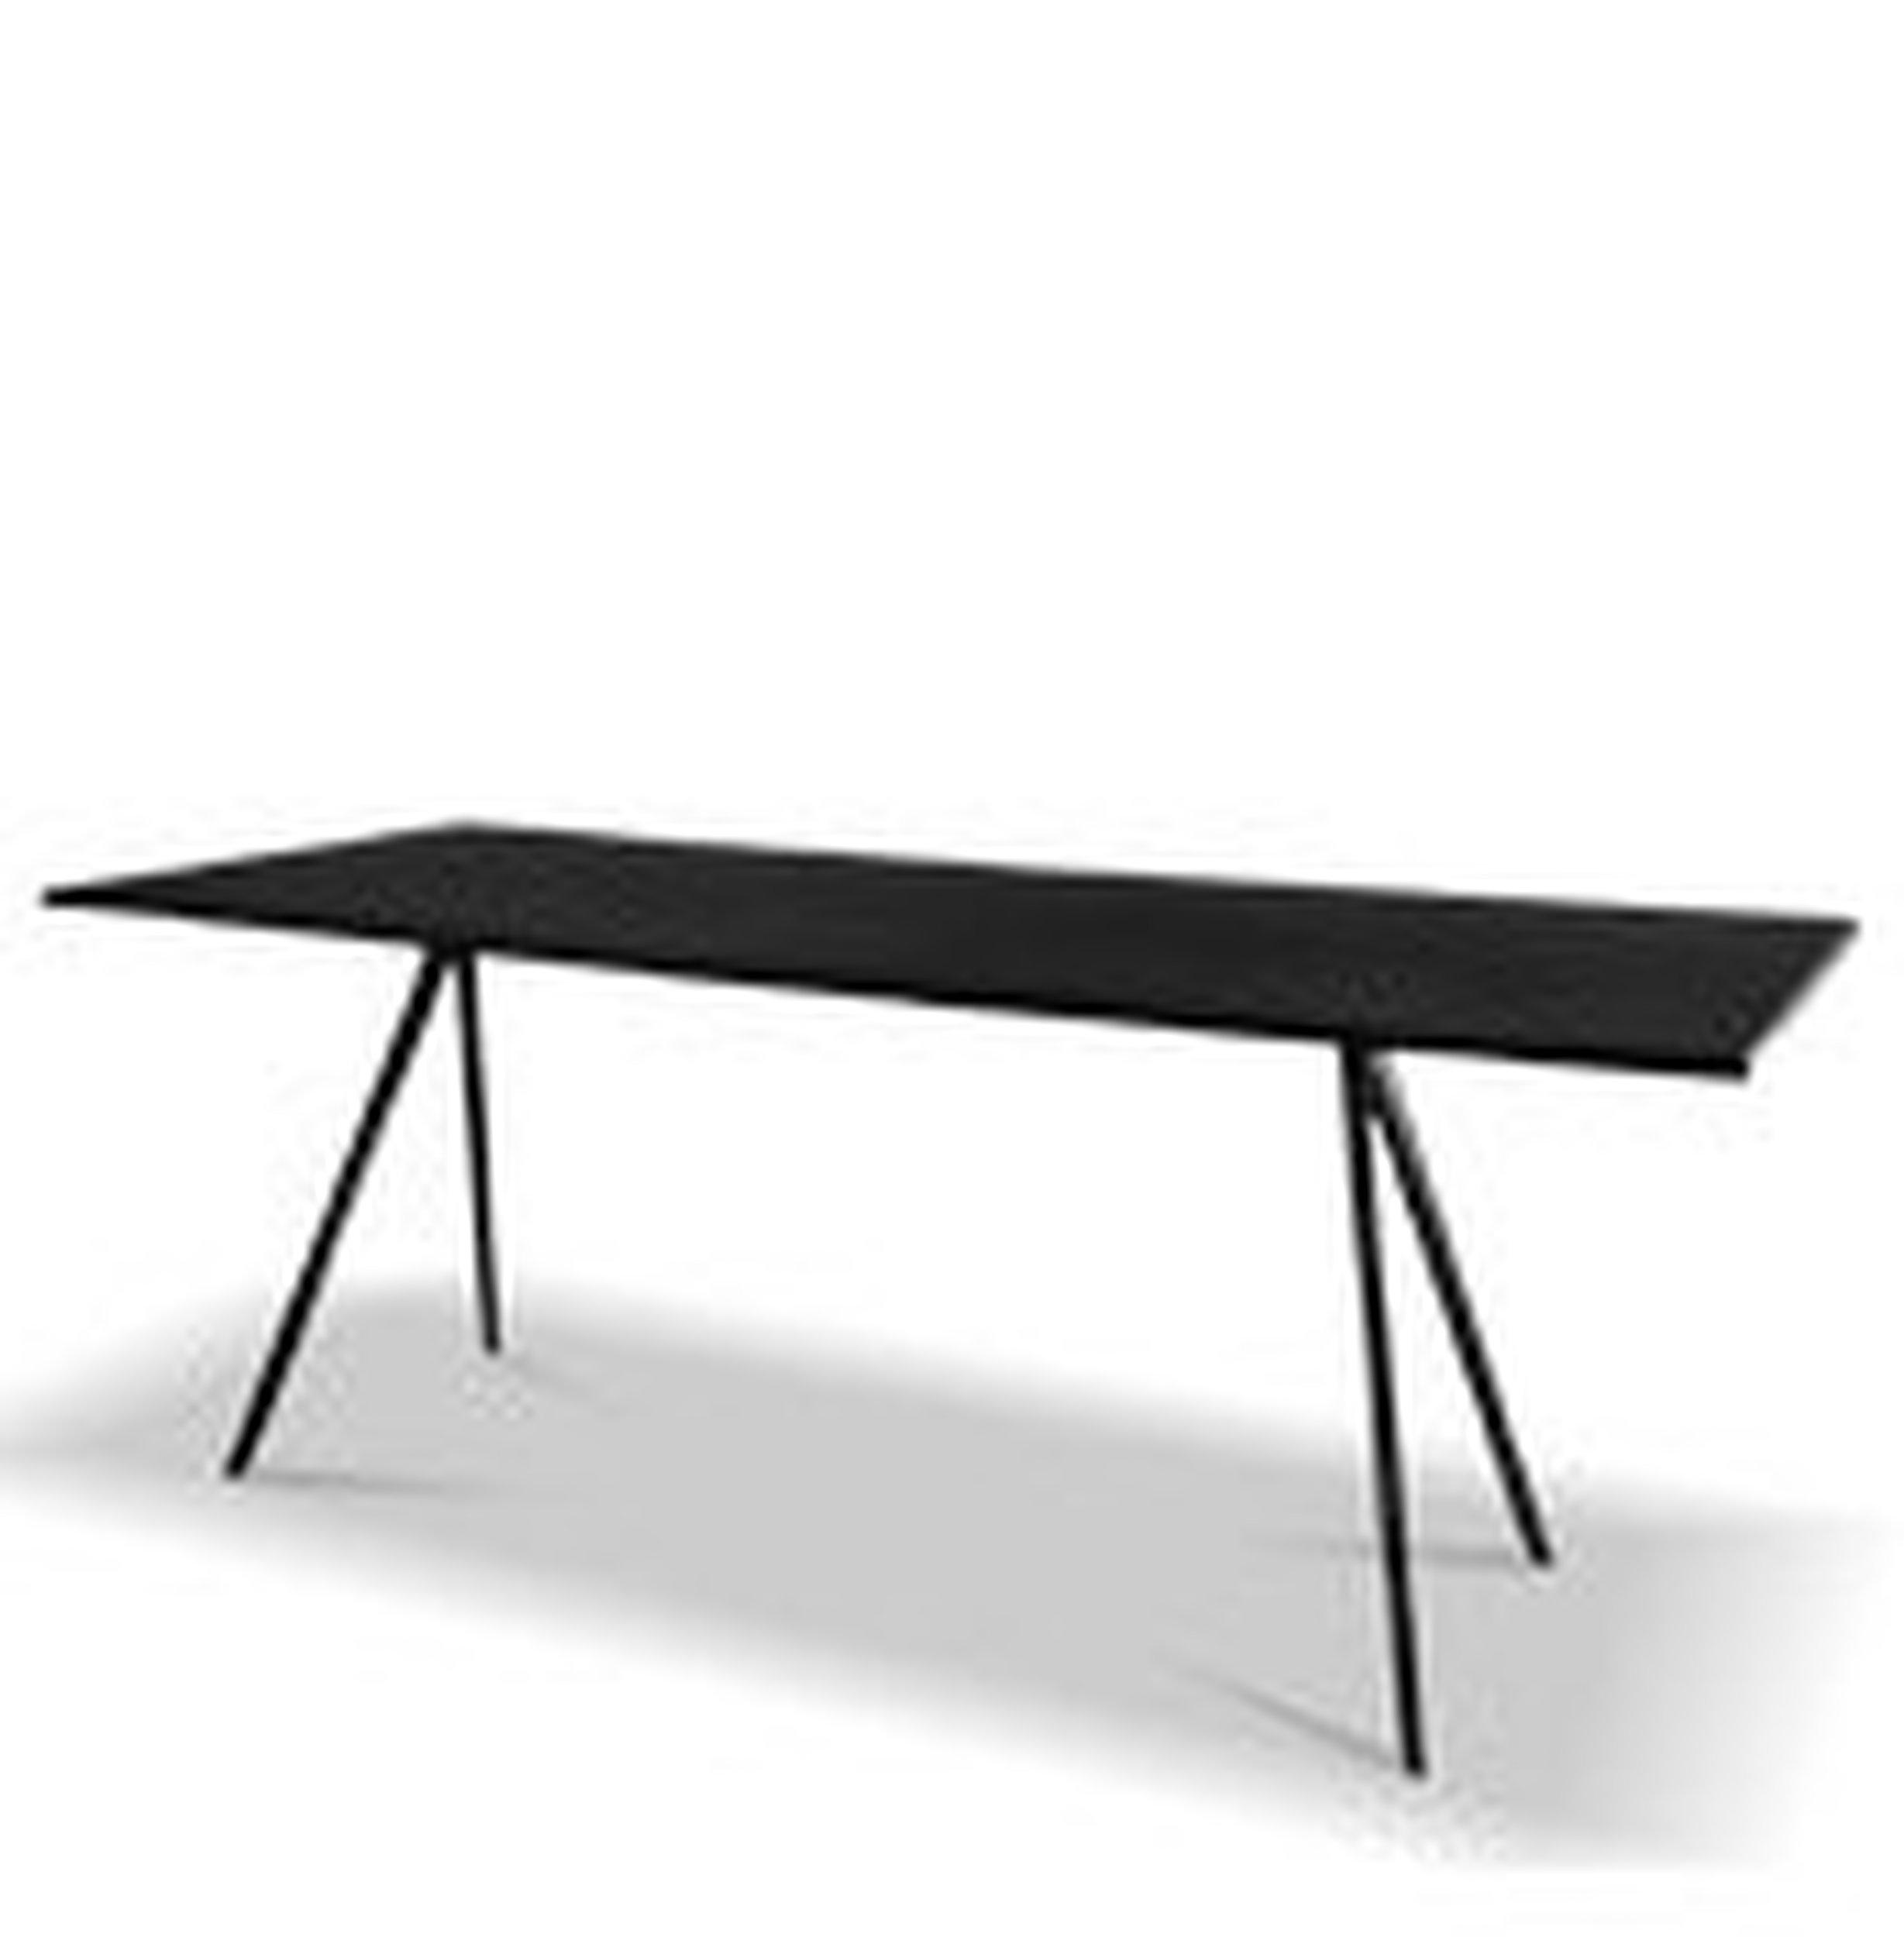 Stół Baguette 205 cm blat MDF czarny rama lakierowana biała - małe zdjęcie